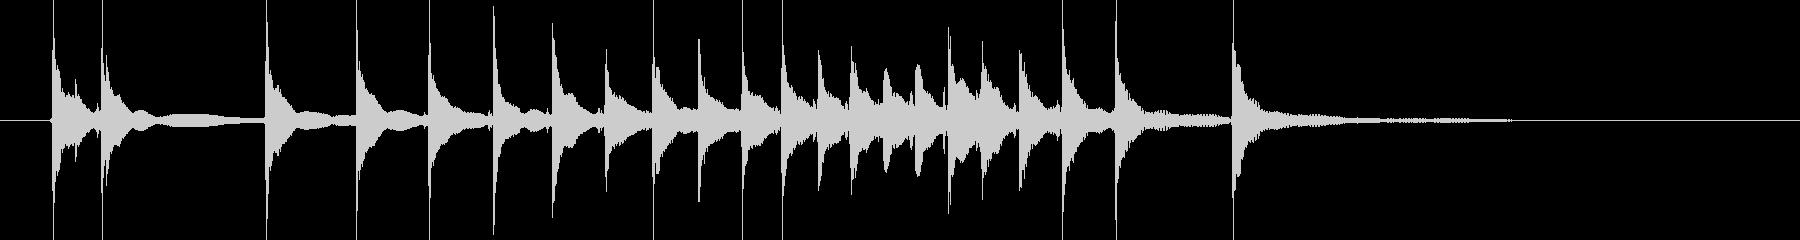 締める時のお決まりフレーズ(三味線で)1の未再生の波形